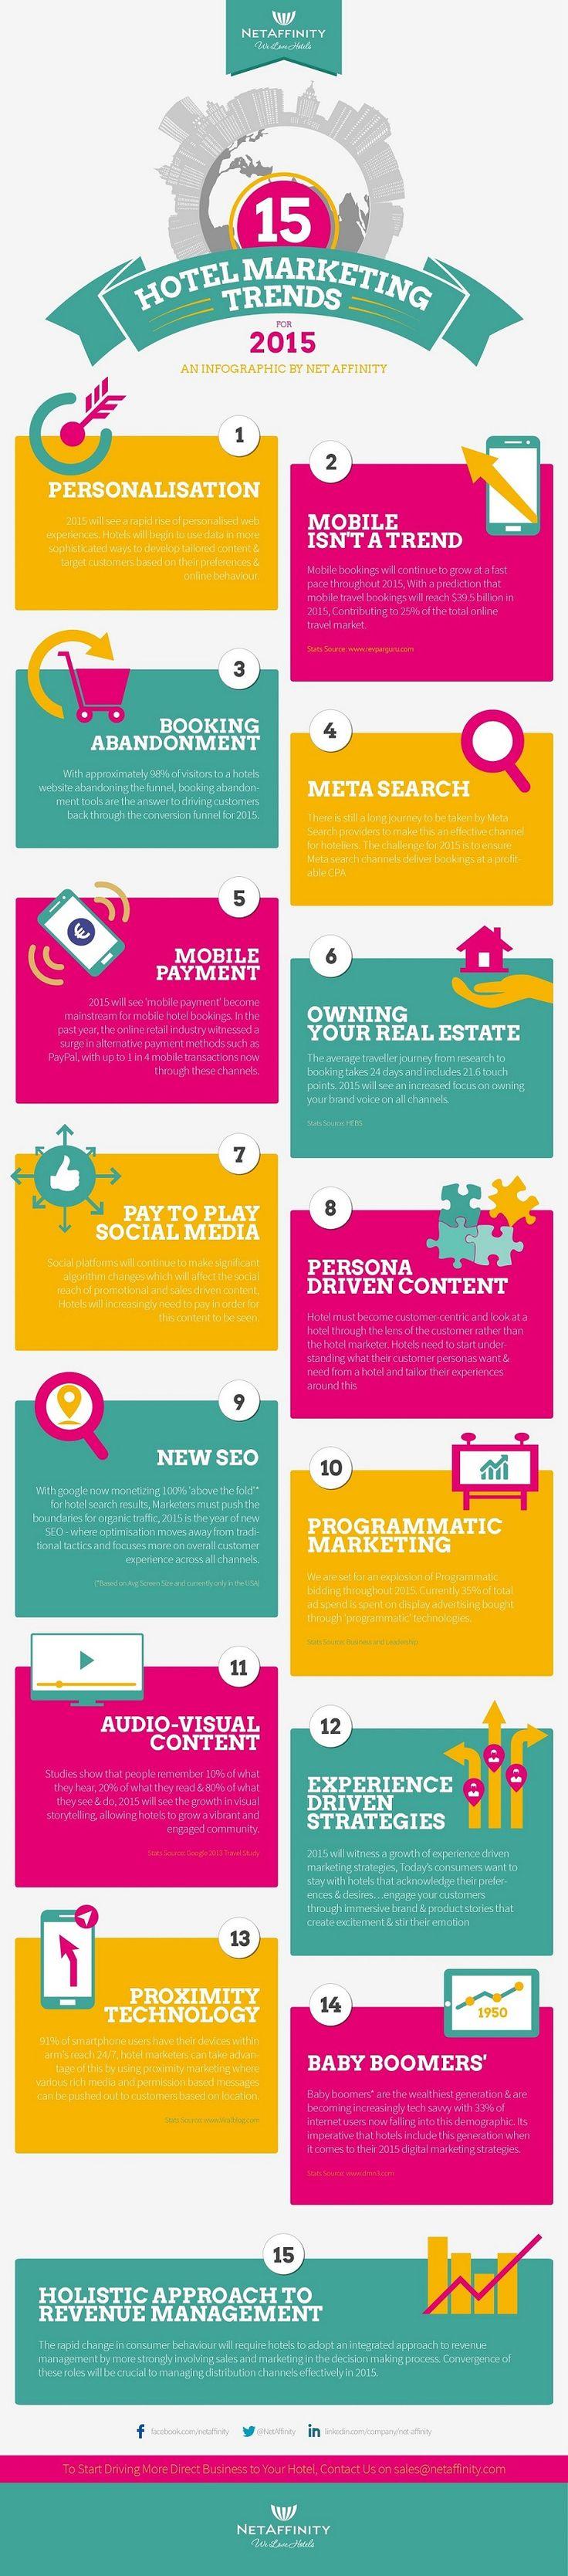 Tendencias para el 2015 en Marketing online hotelero // 15 Hotel Marketing Trends for 2015